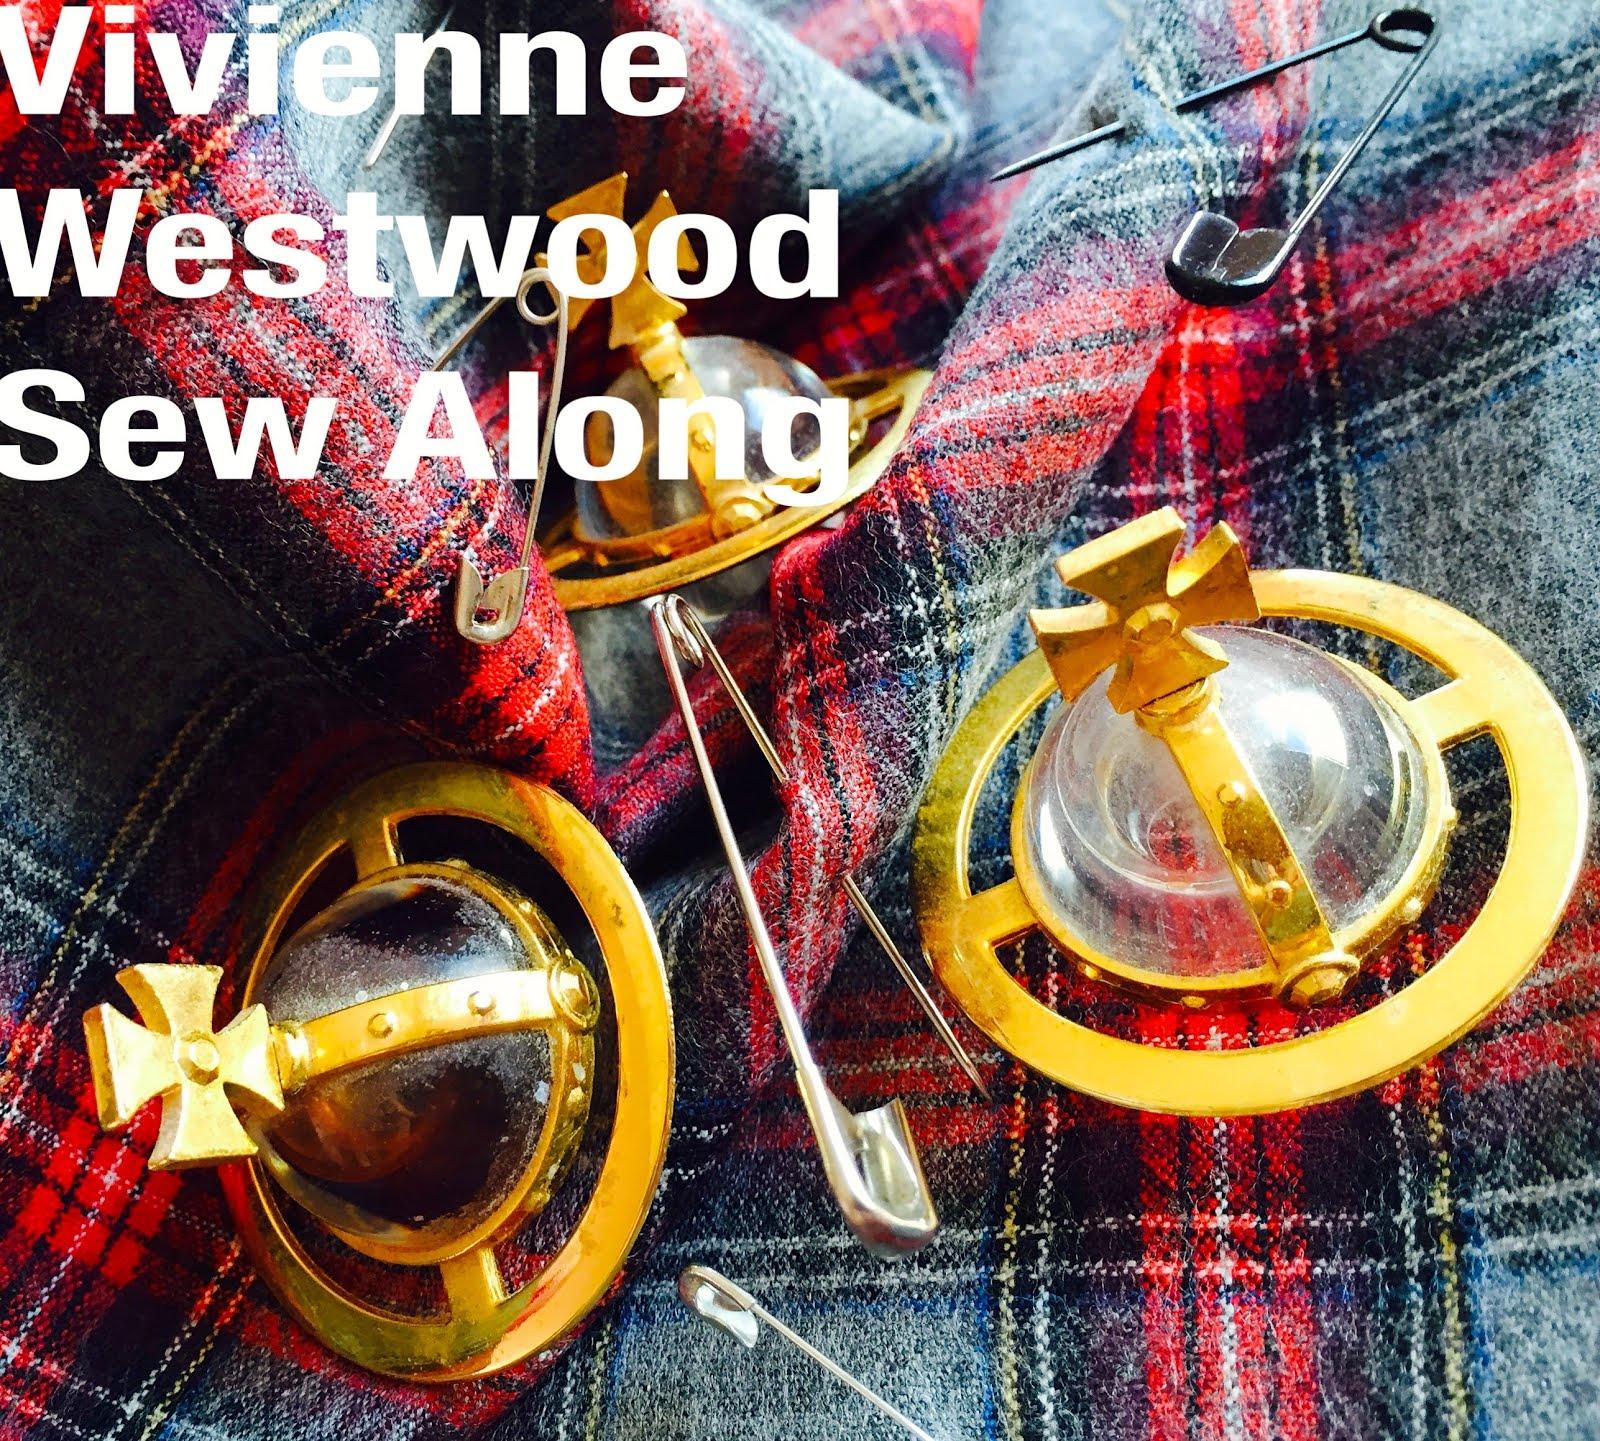 Vivienne Westwood SA